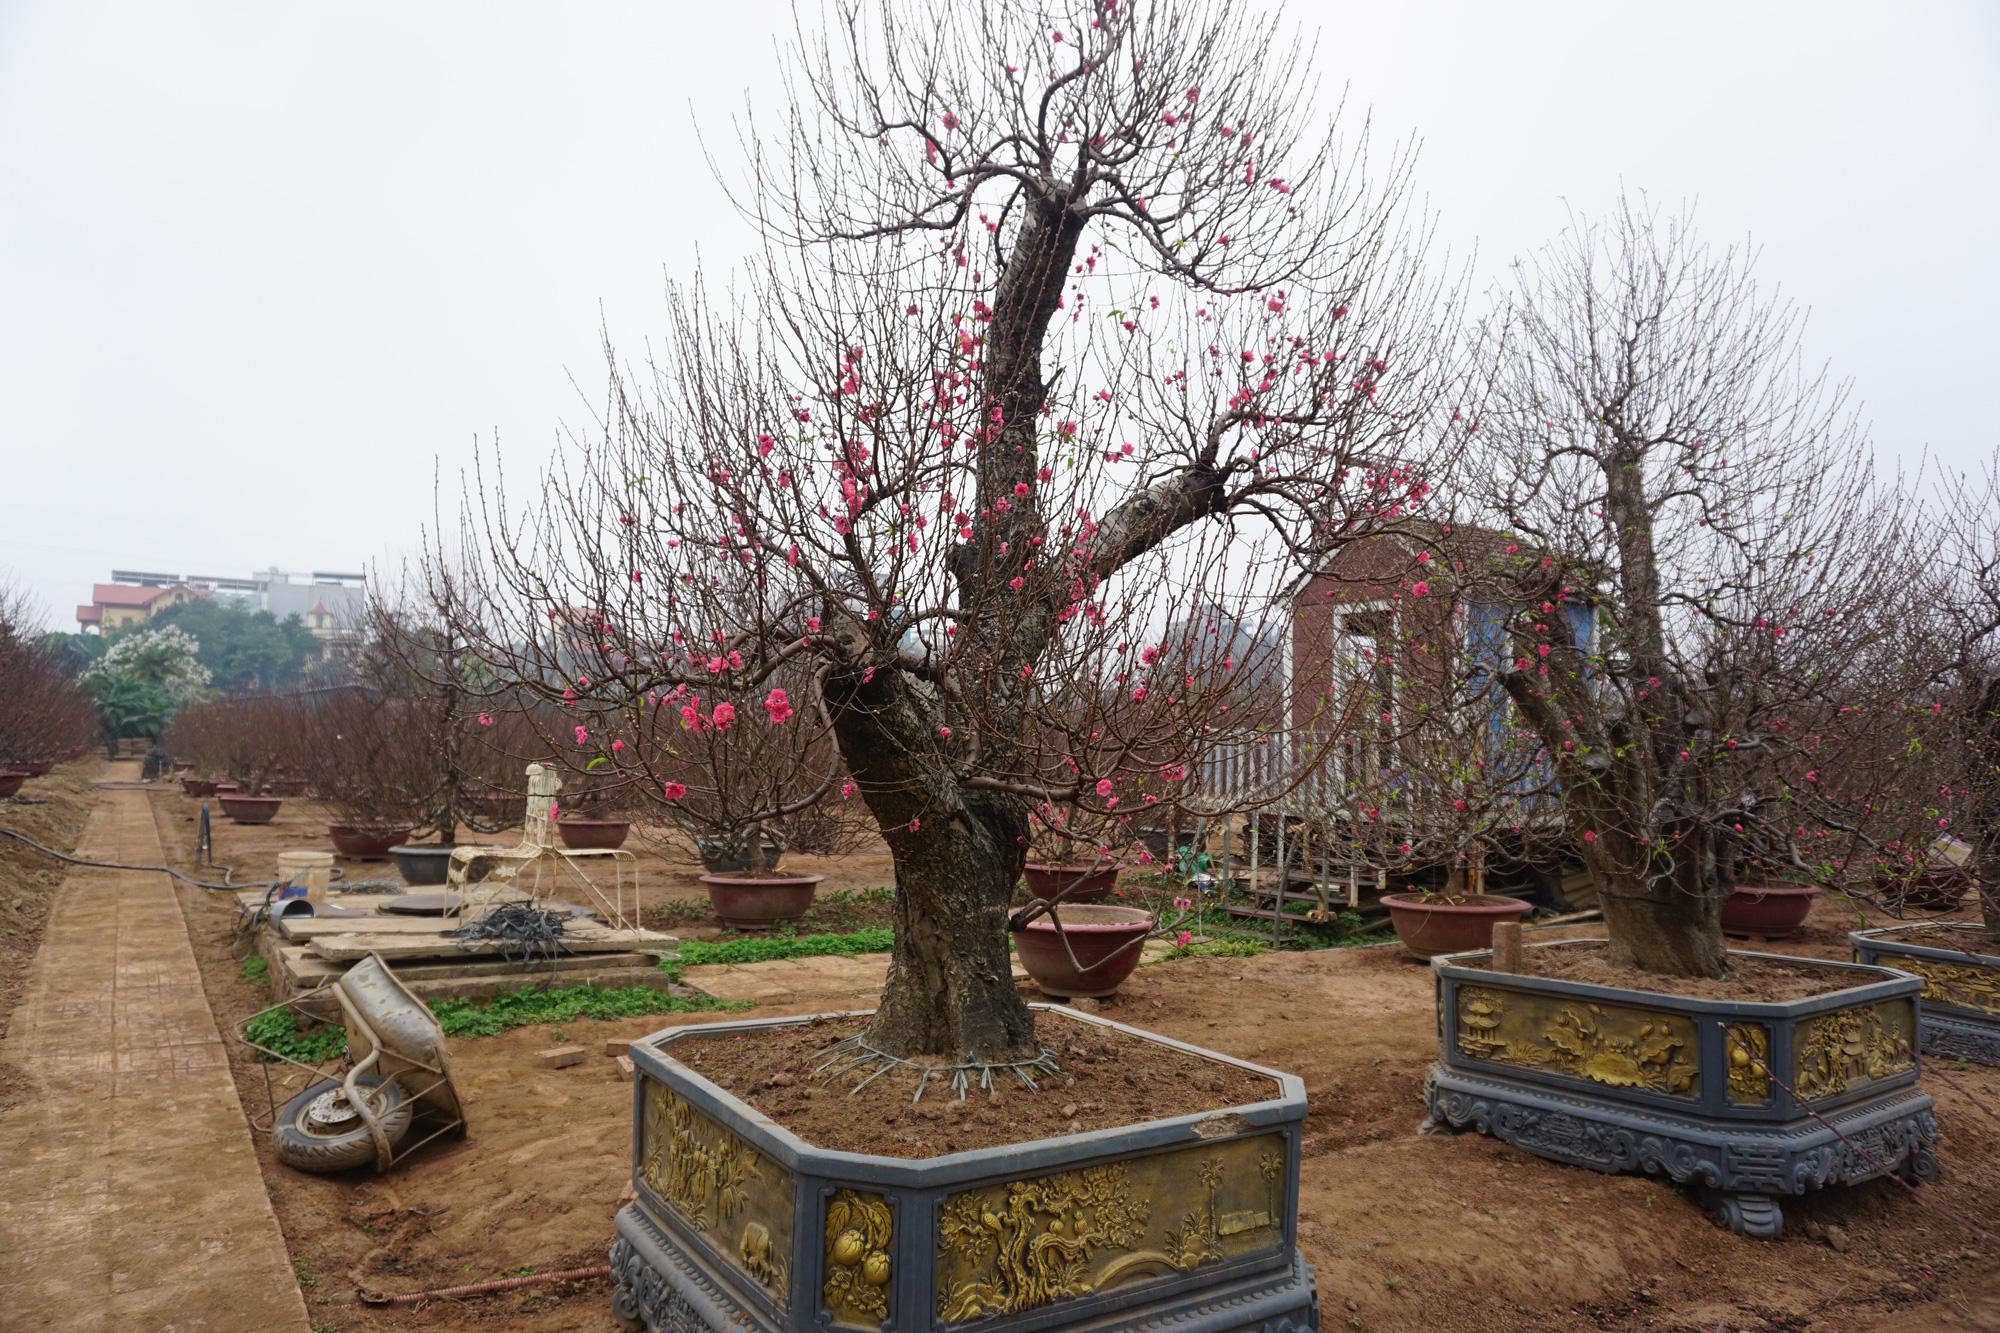 """Hà Nội: Đào Nhật Tân hàng chục năm tuổi được """"săn đón gắt gao"""", có người ngã giá cả trăm triệu về trưng Tết - Ảnh 4."""